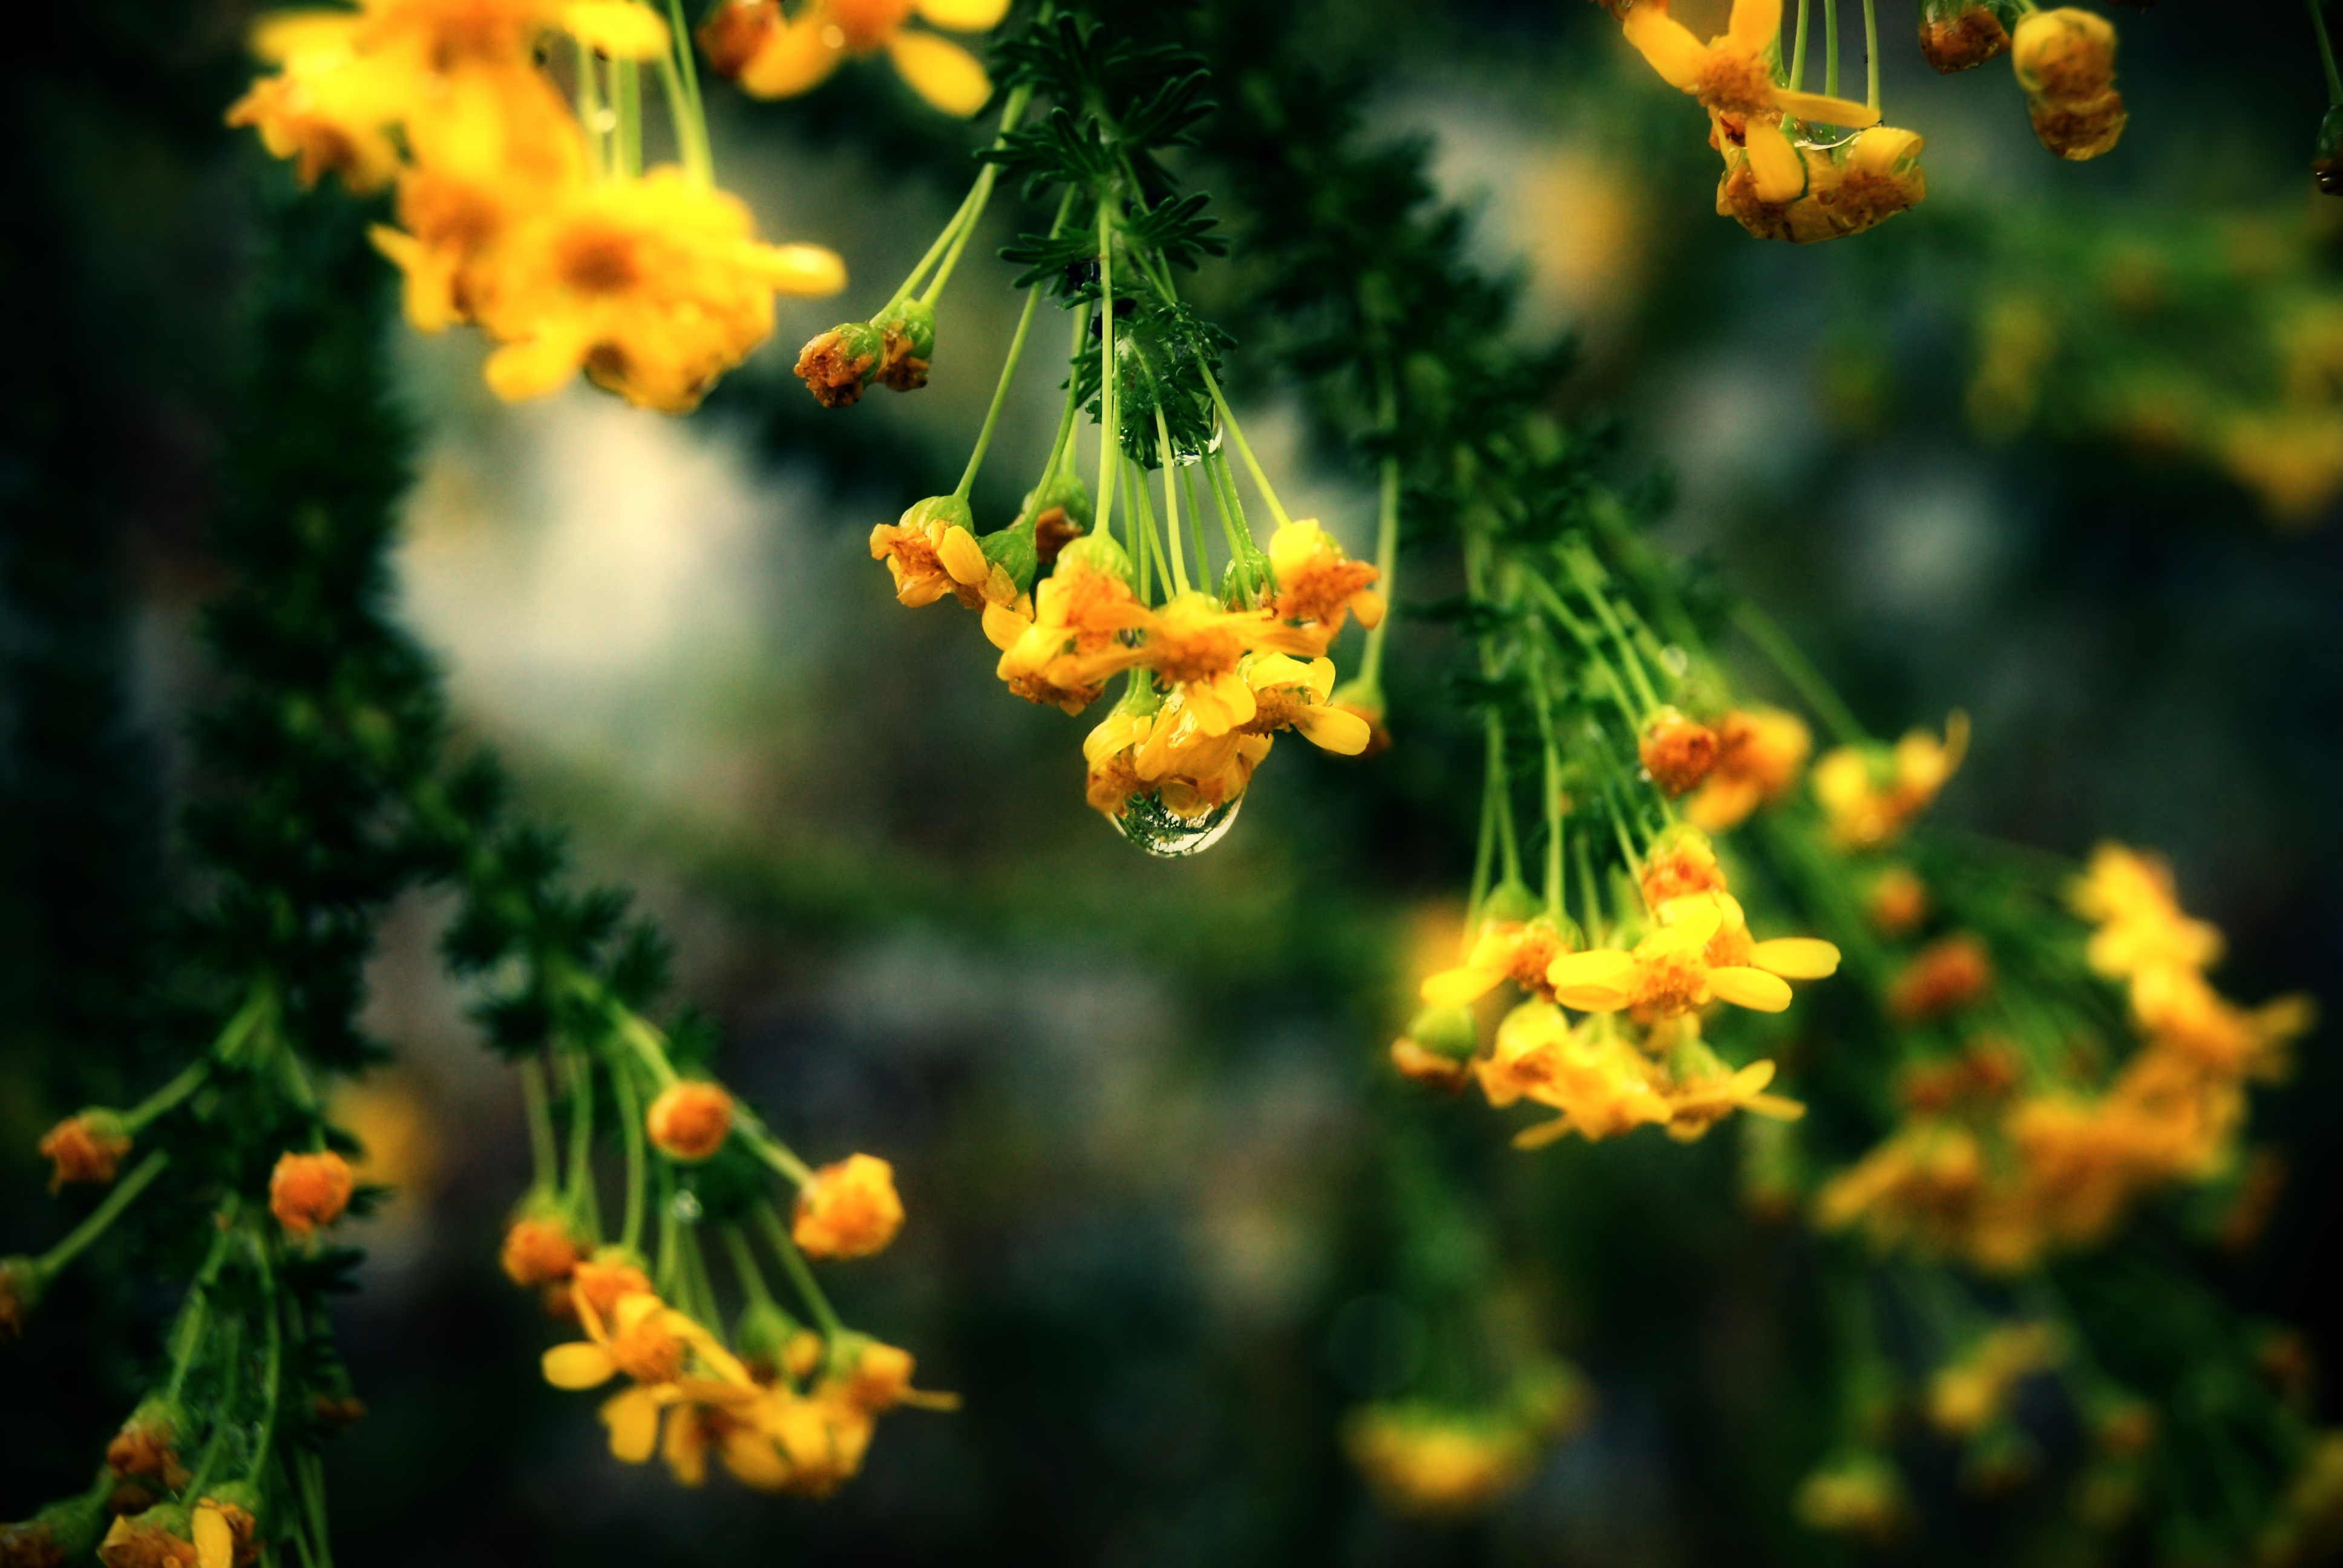 природа цветы листья  № 2053471 загрузить